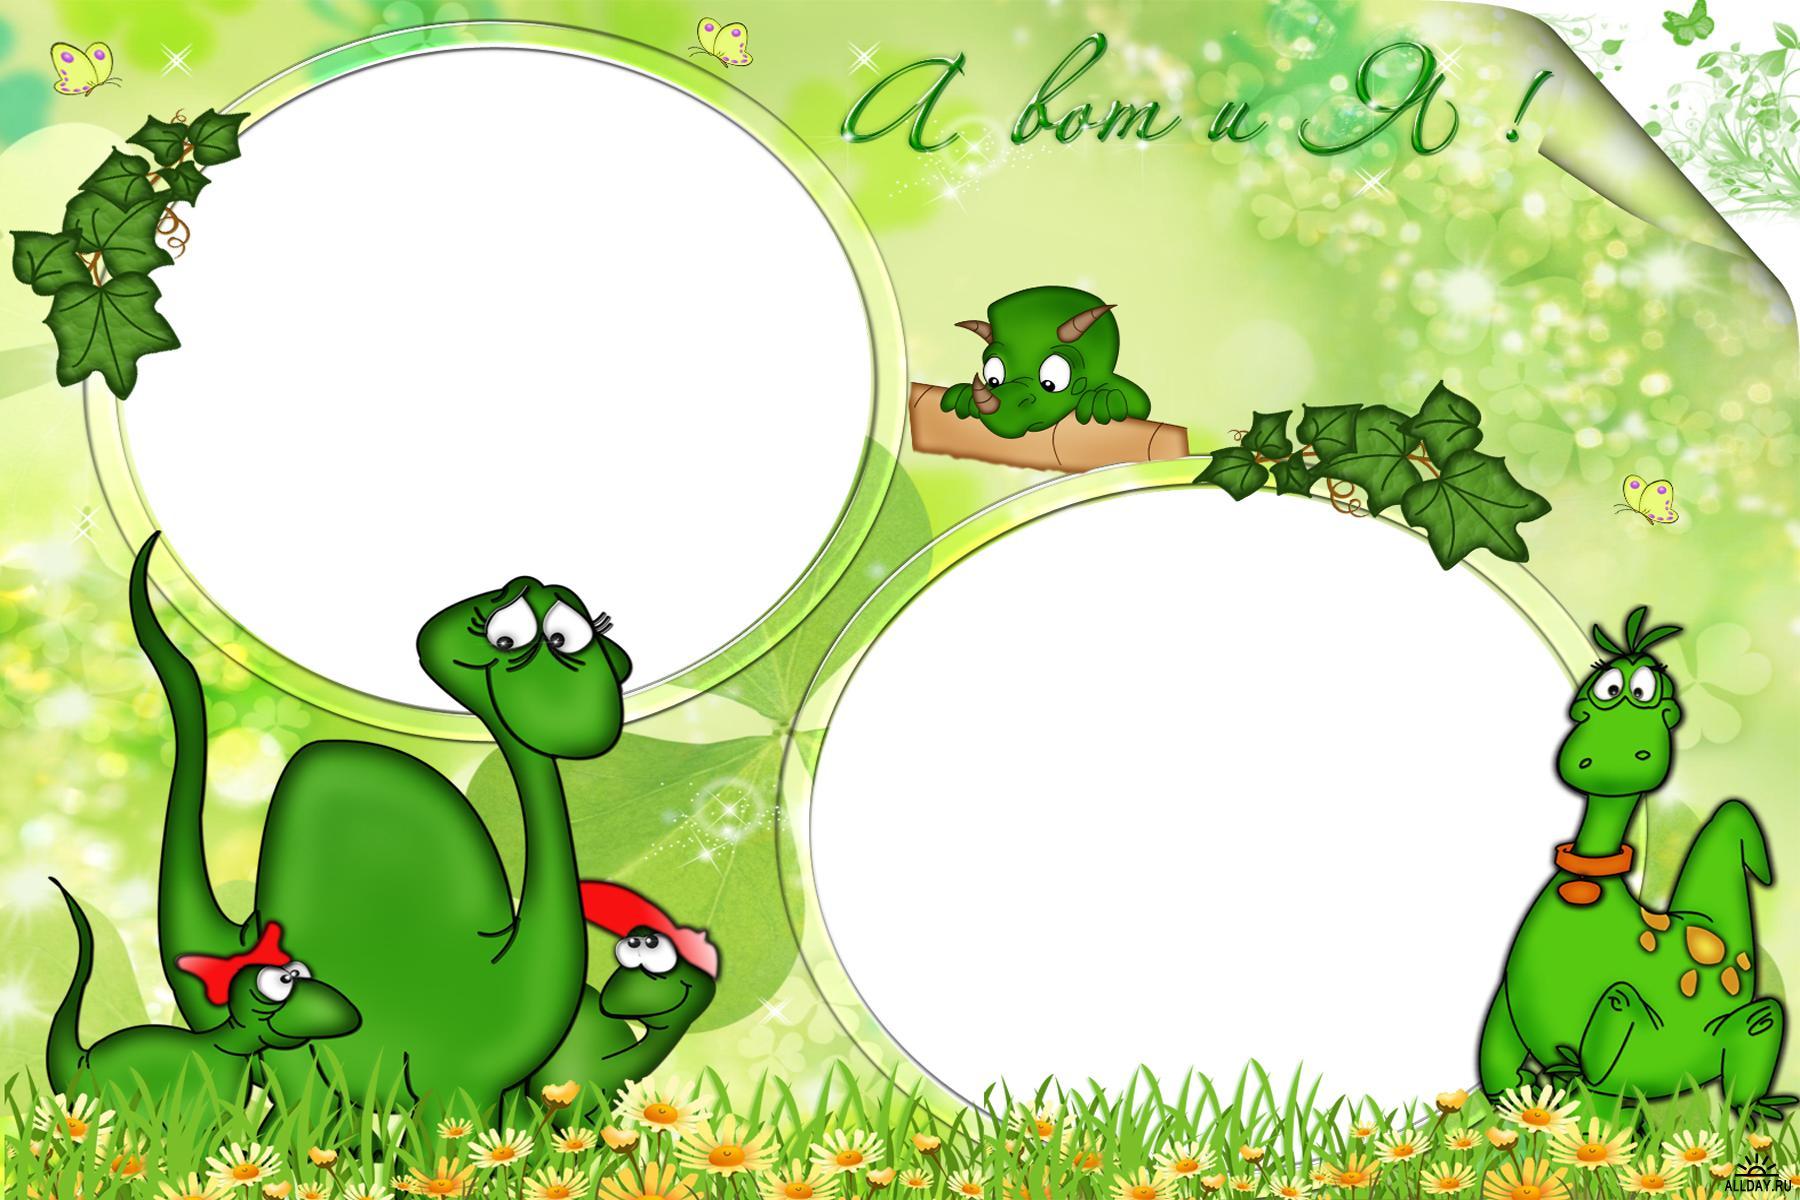 Новогодние рамки. Огромная новогодняя рамка в зелёных тонах с динозавриками на два детских фото. Детская новогодняя рамка для фотошопа даёт Вам возможность проявить свои творческие способности и сделать новогоднюю рамку своими руками. Сюда можно добавить зелёных снежинок, нарядную ёлочку и другую новогоднюю атрибутику. Двойная новогодняя рамка станет приятным дополнением к новогодним подаркам.